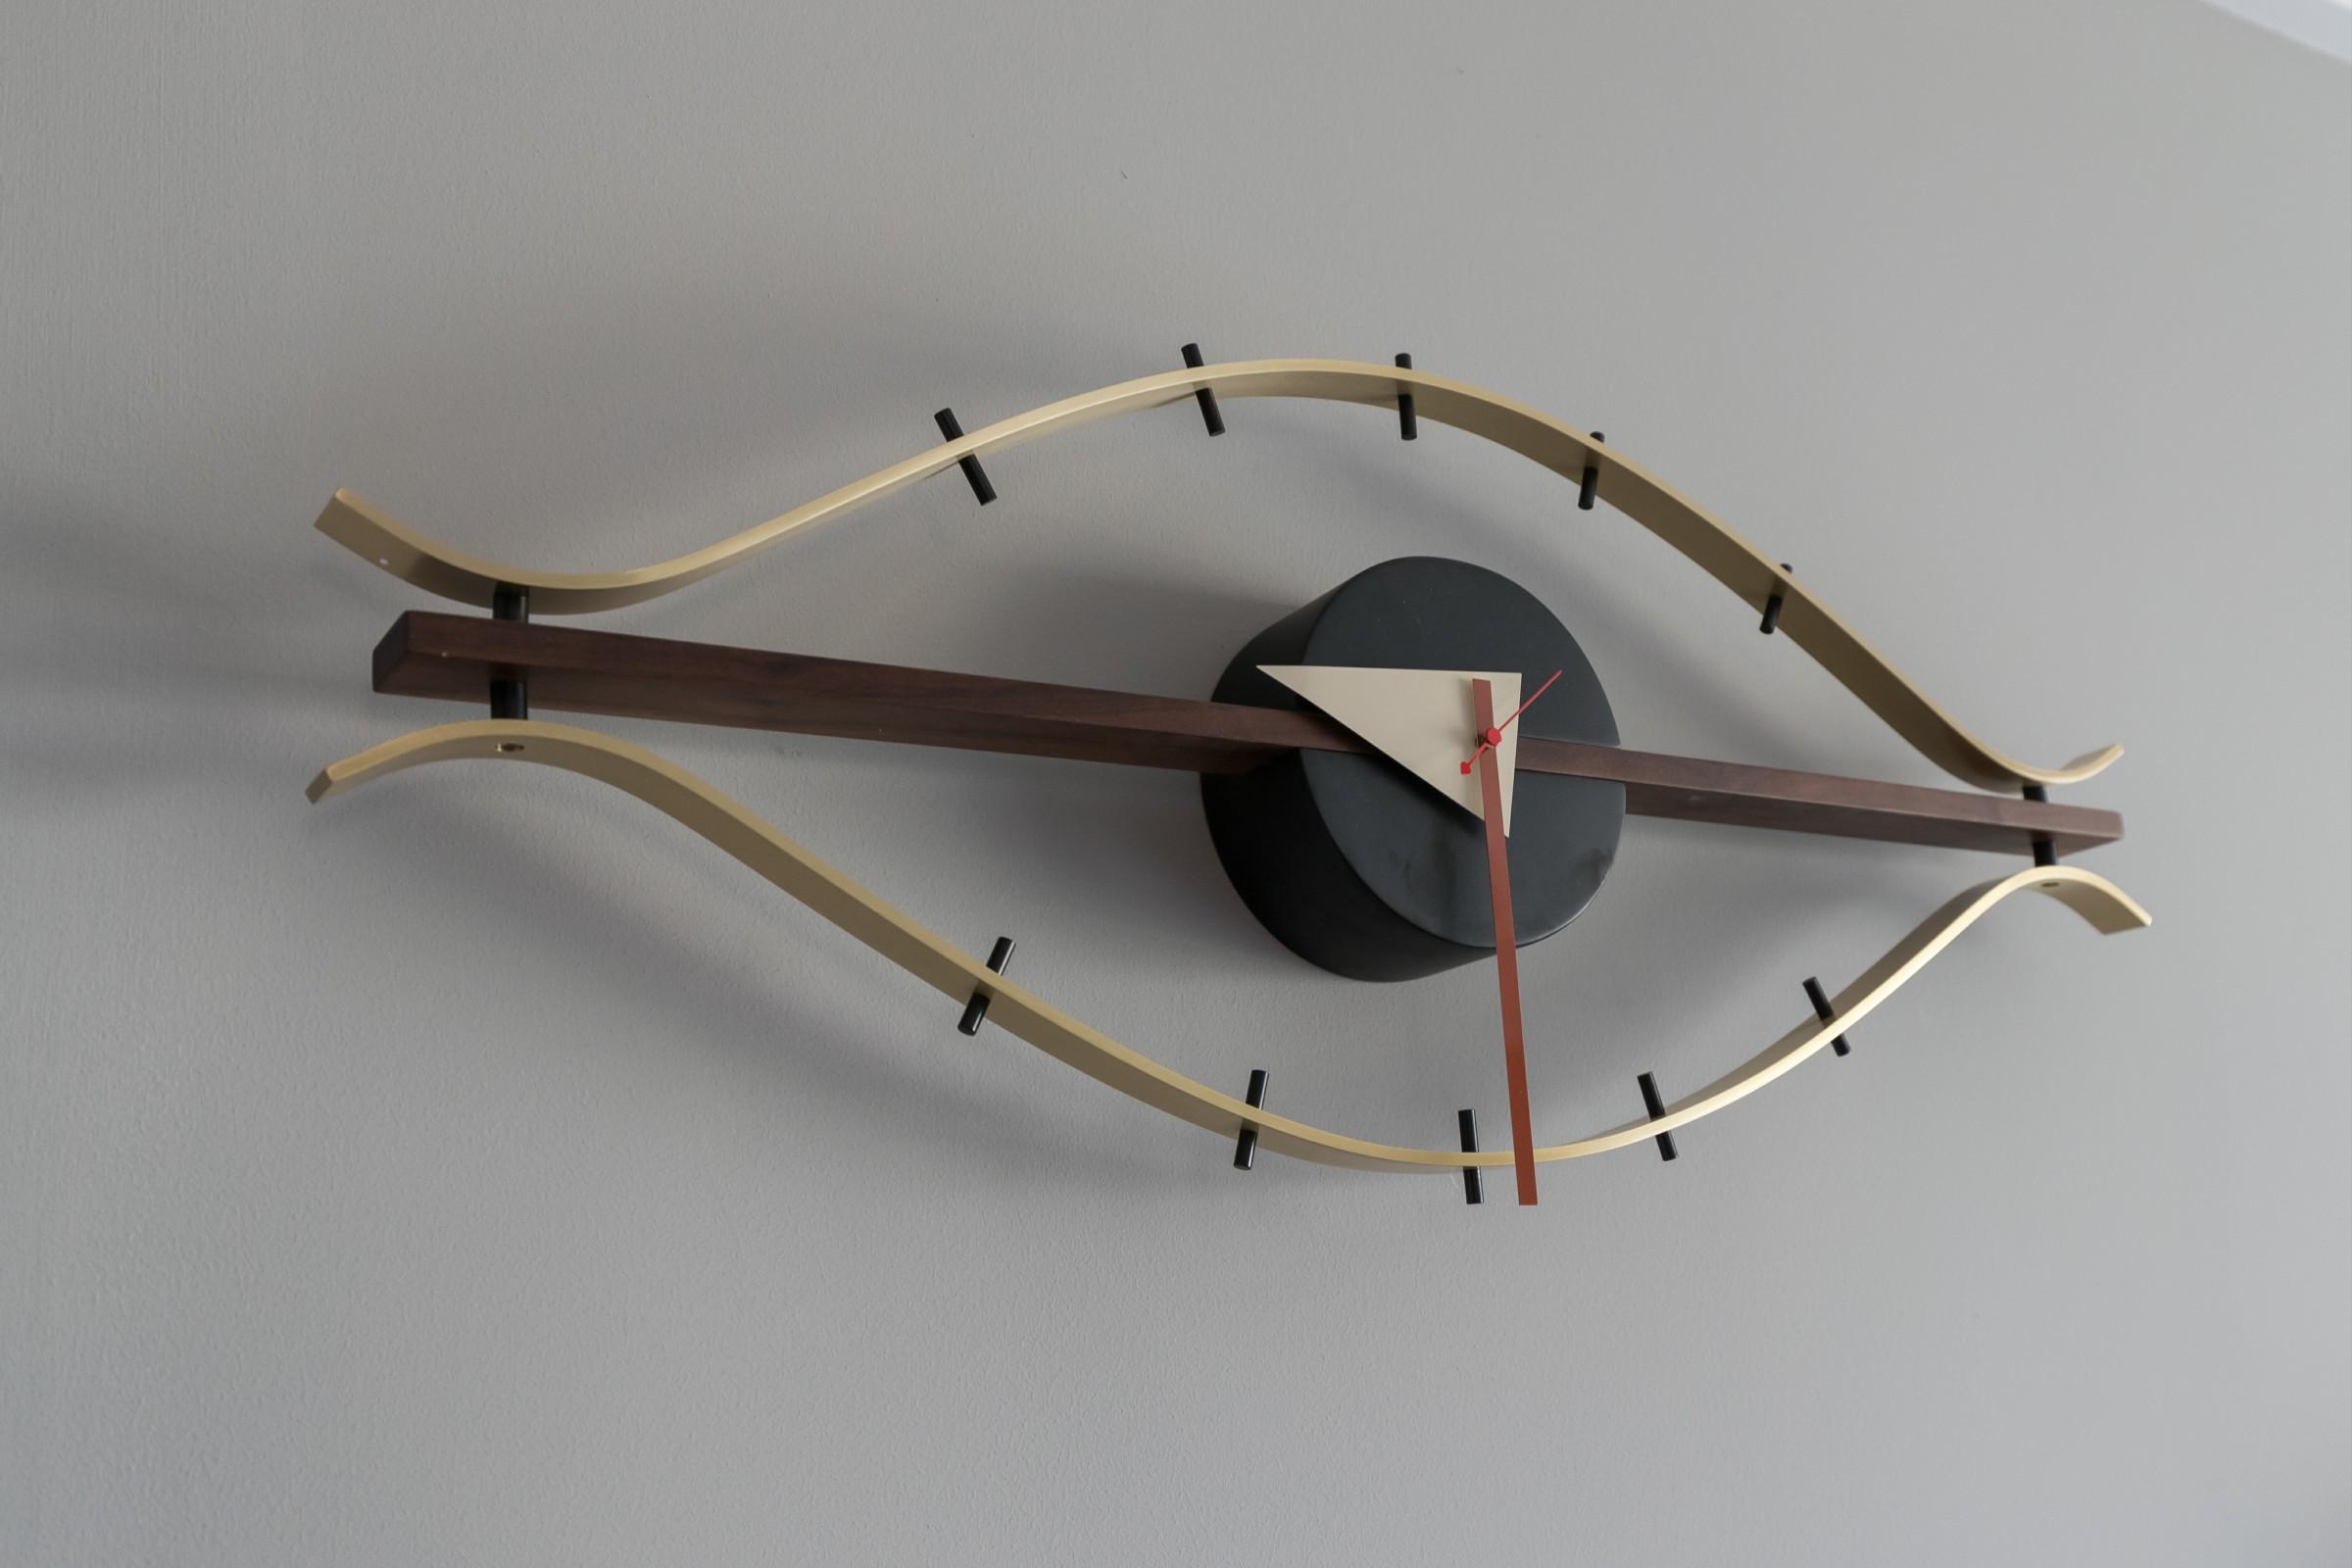 120㎡现代北欧风装修造型挂钟设计